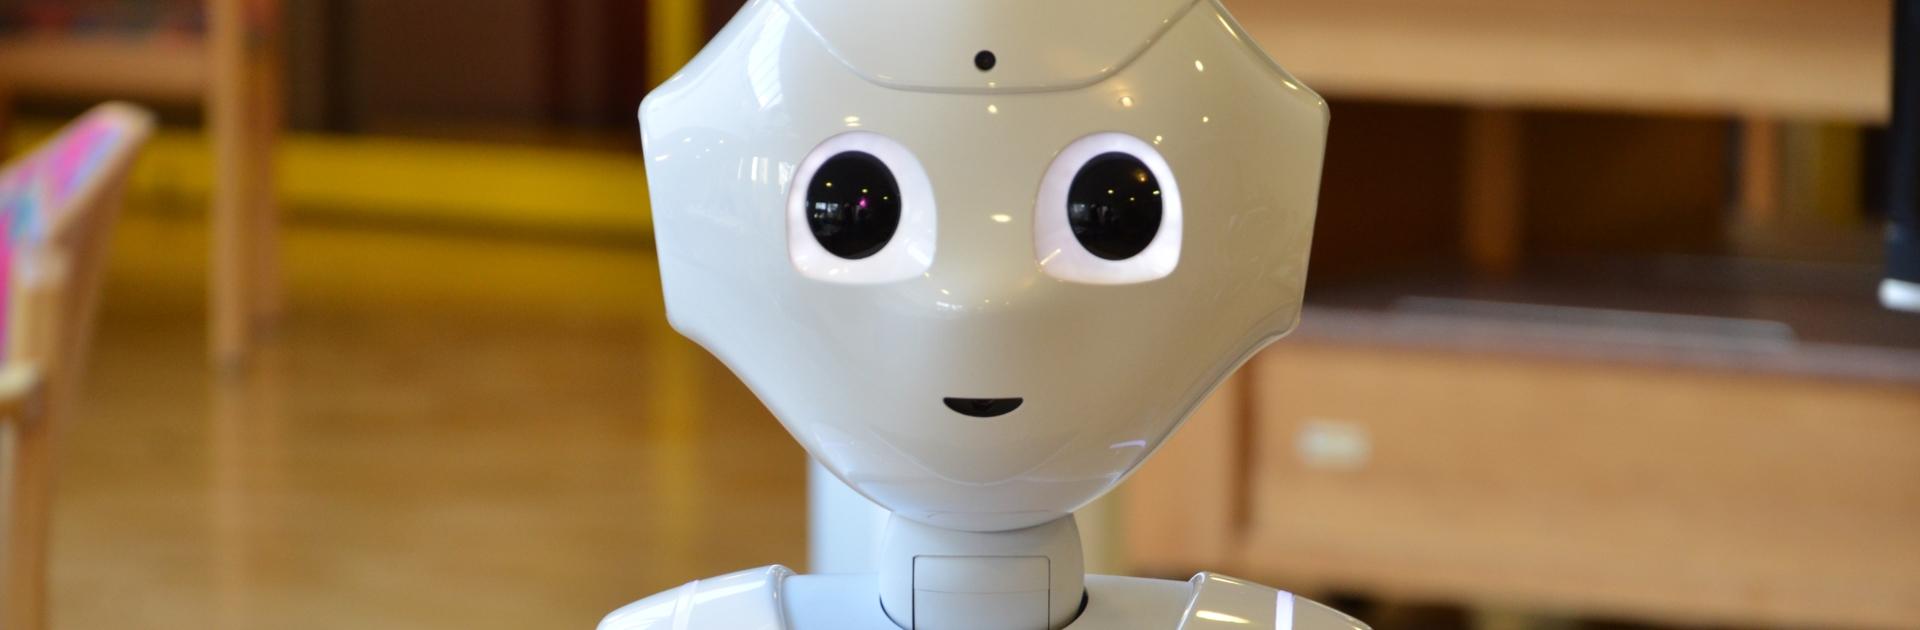 Roboter Pepper: vom Prototyp zur echten Bereicherung